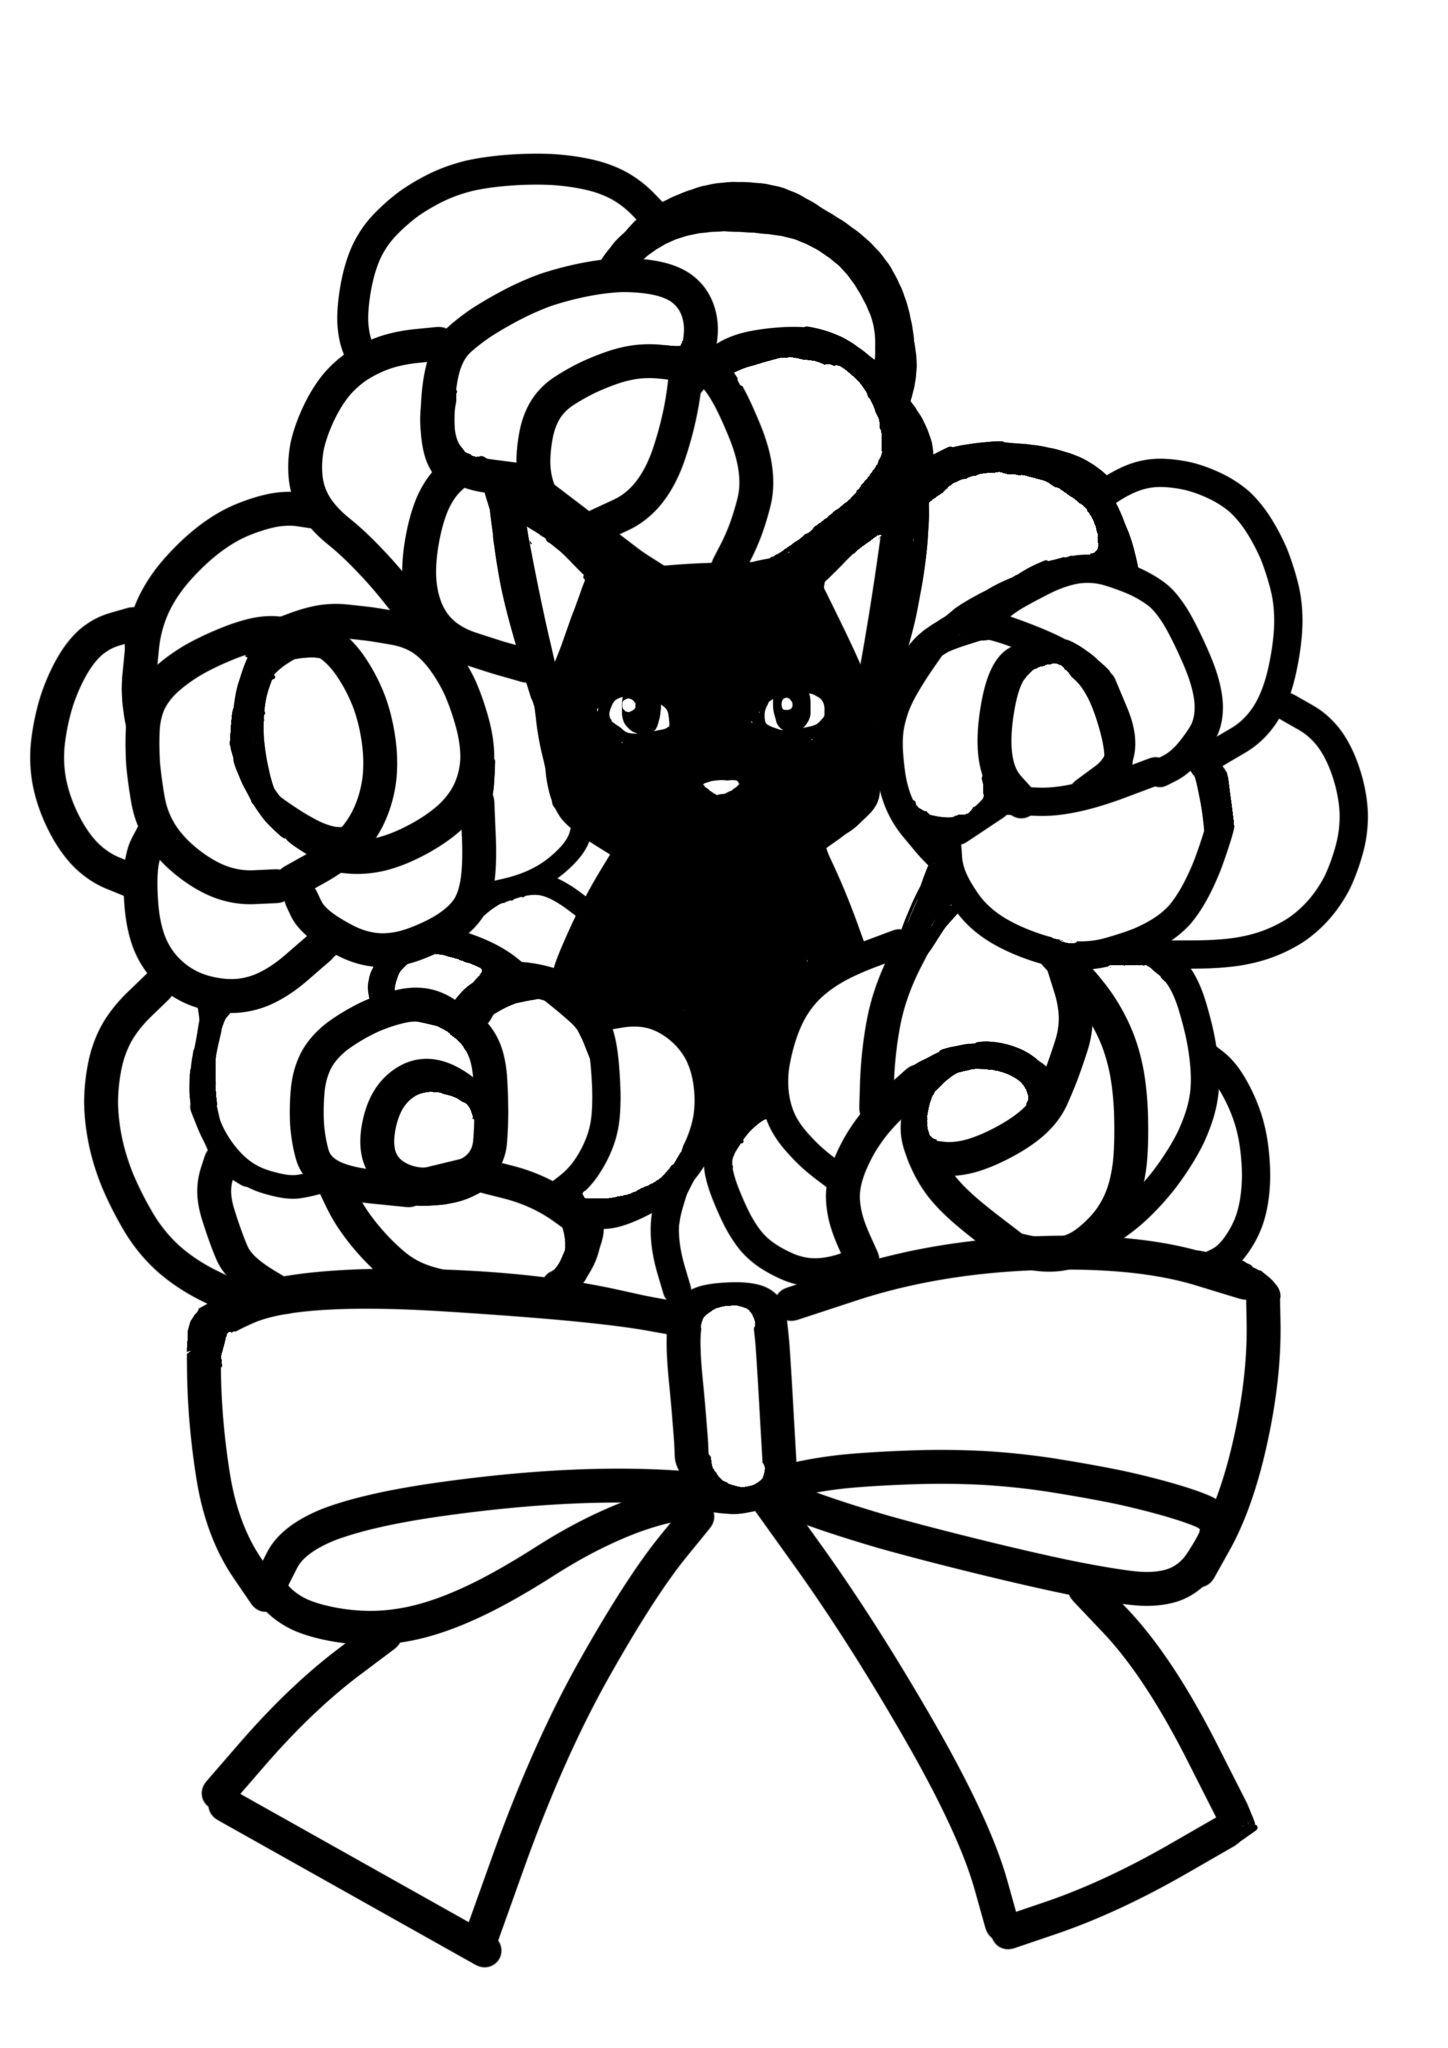 無料イラスト 春夏秋冬 無料ダウンロード 薔薇 切り絵 簡単 切り絵 簡単 切り絵 イラスト画像